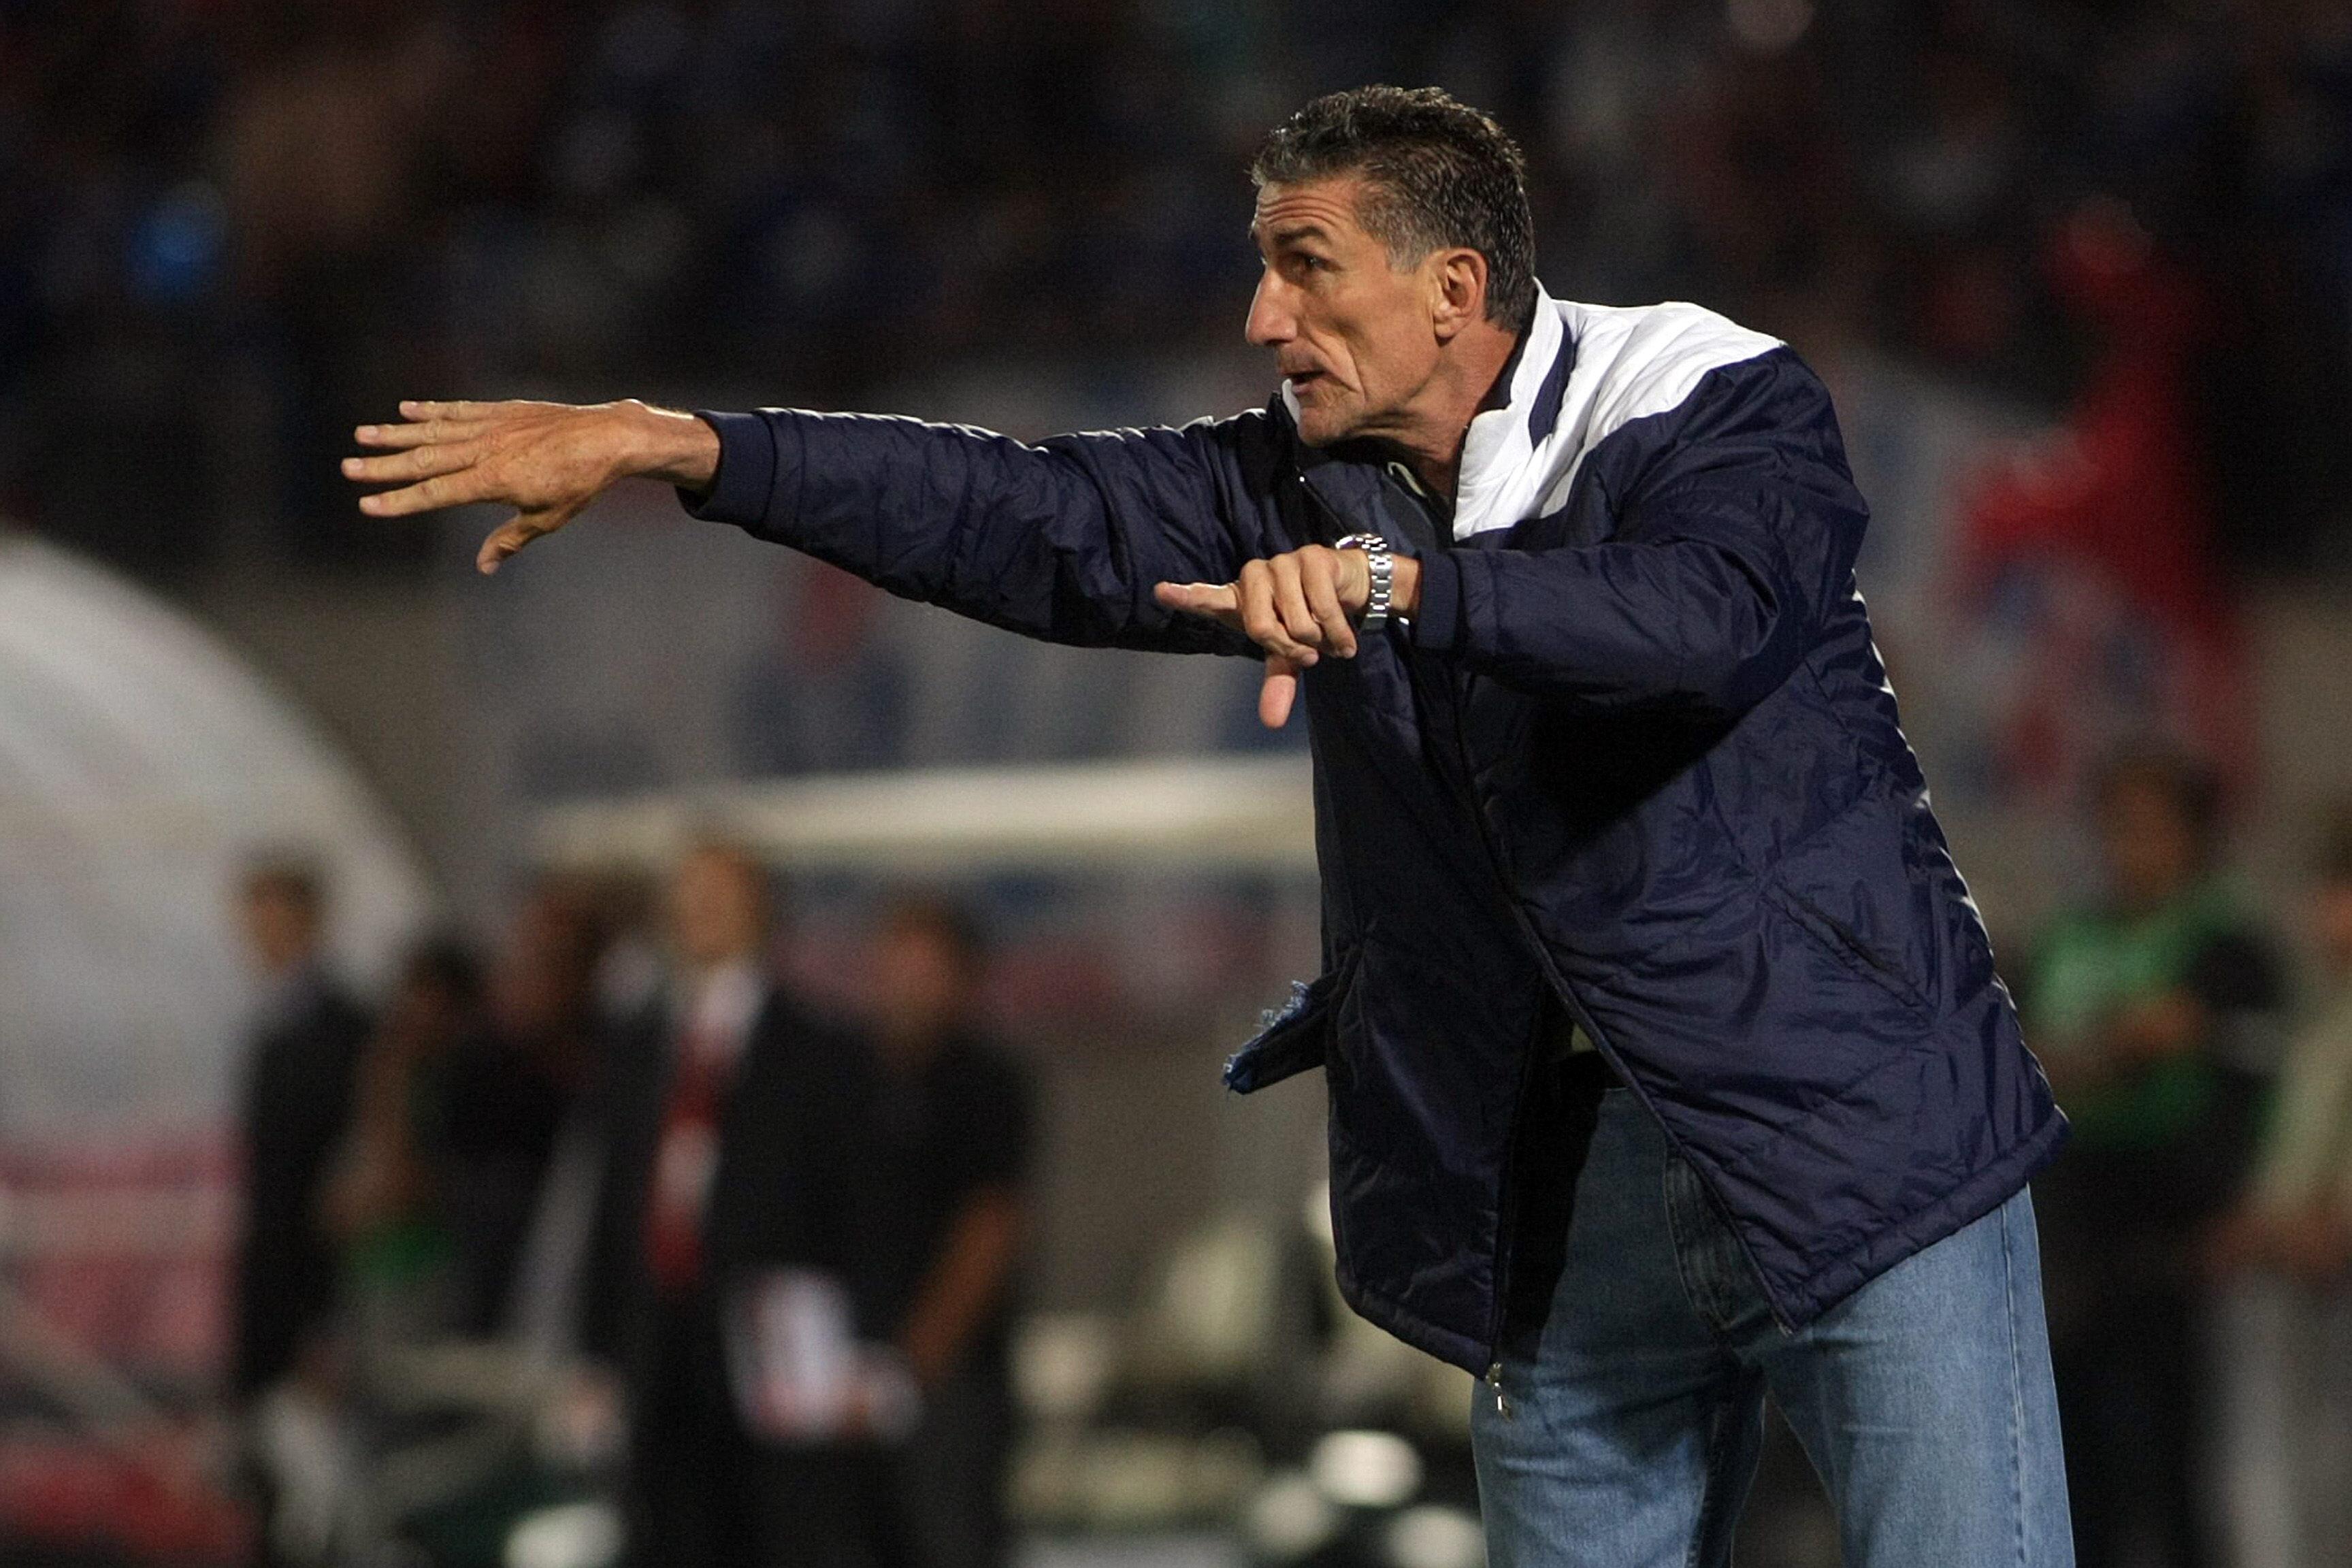 El entrenador argentino Edgardo Bauza reemplazará a Pizzi en San Lorenzo